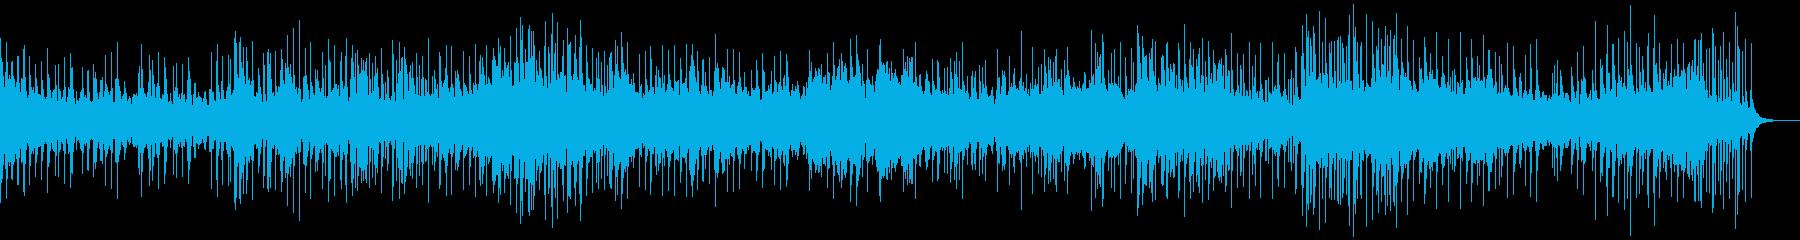 4分ソング 沖縄 ゆったり ビート入りの再生済みの波形